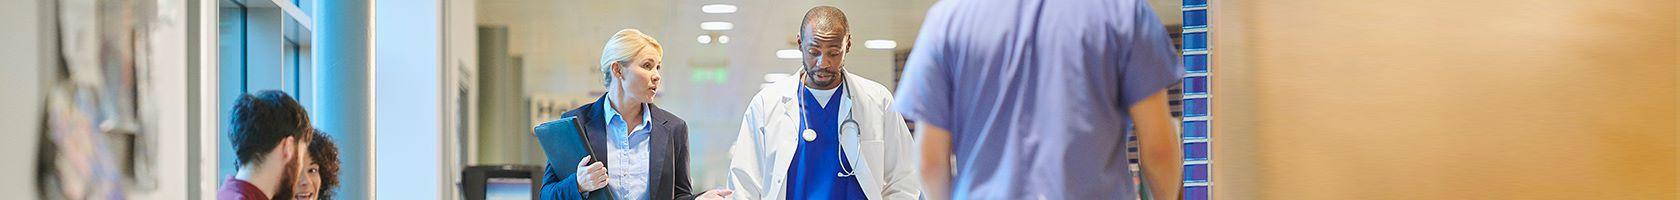 Online Masters in Nursing - Leadership & Innovation | Baylor